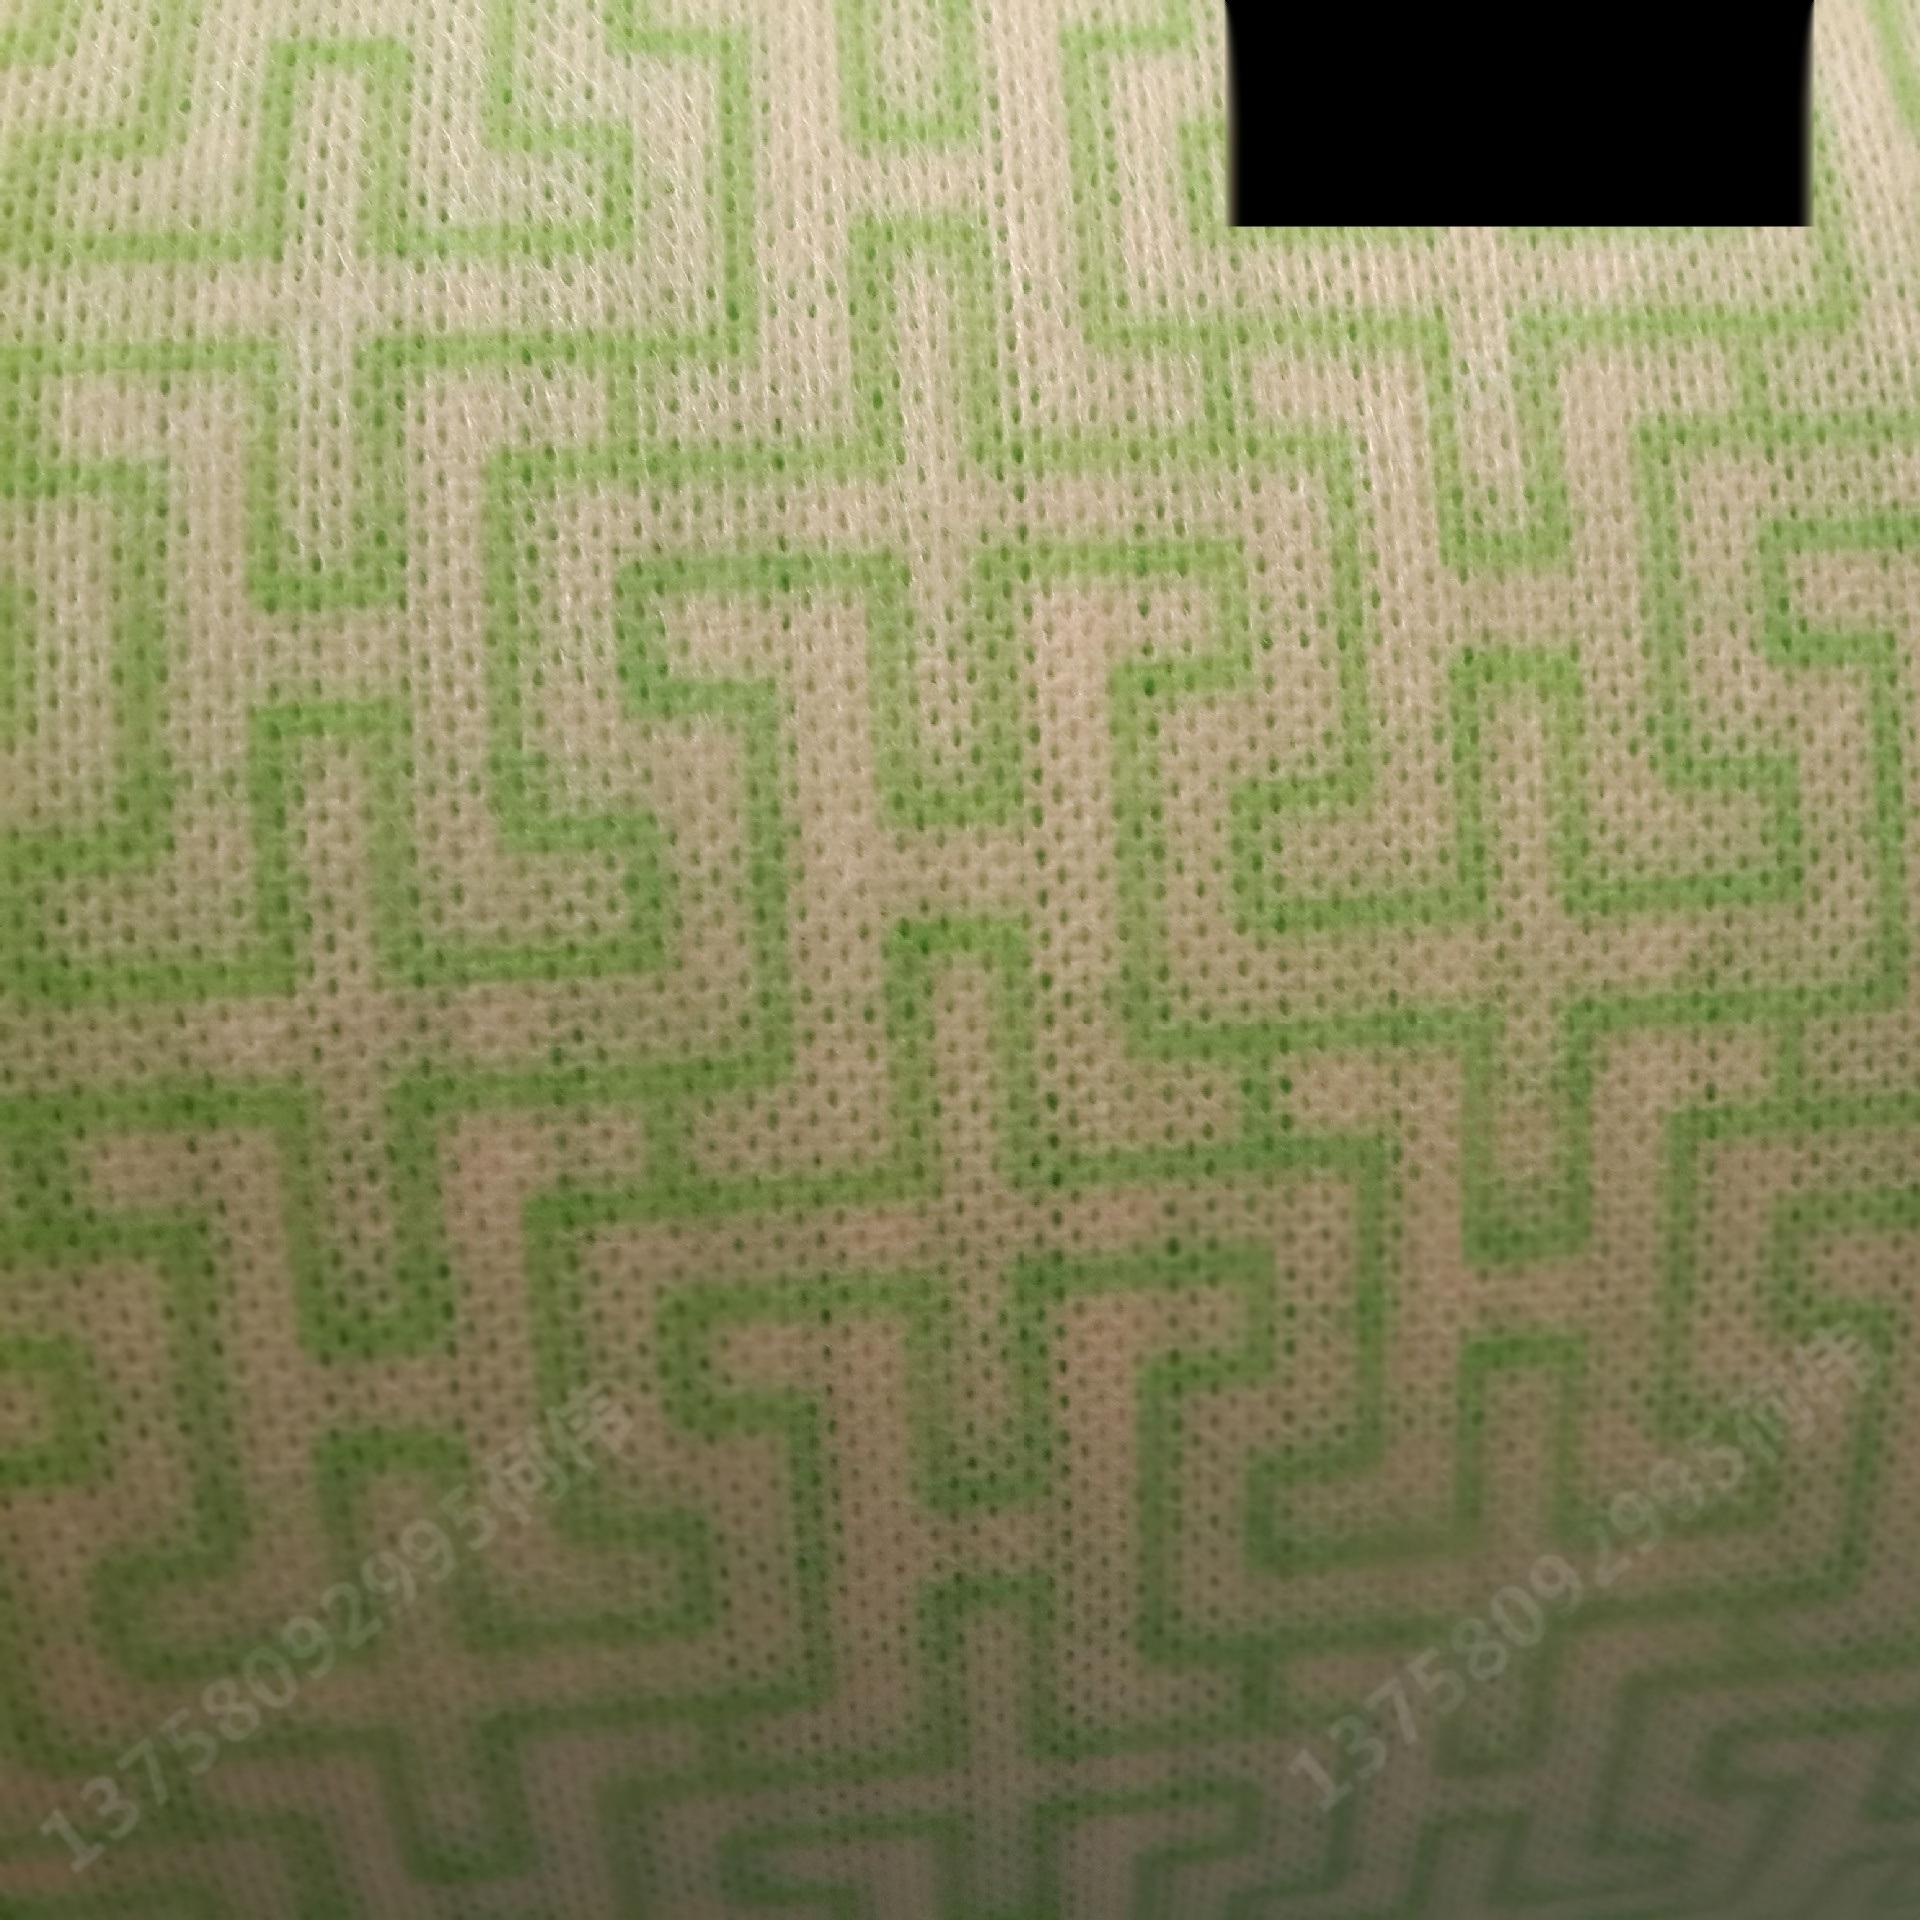 洗碗竹纖維水刺無紡布